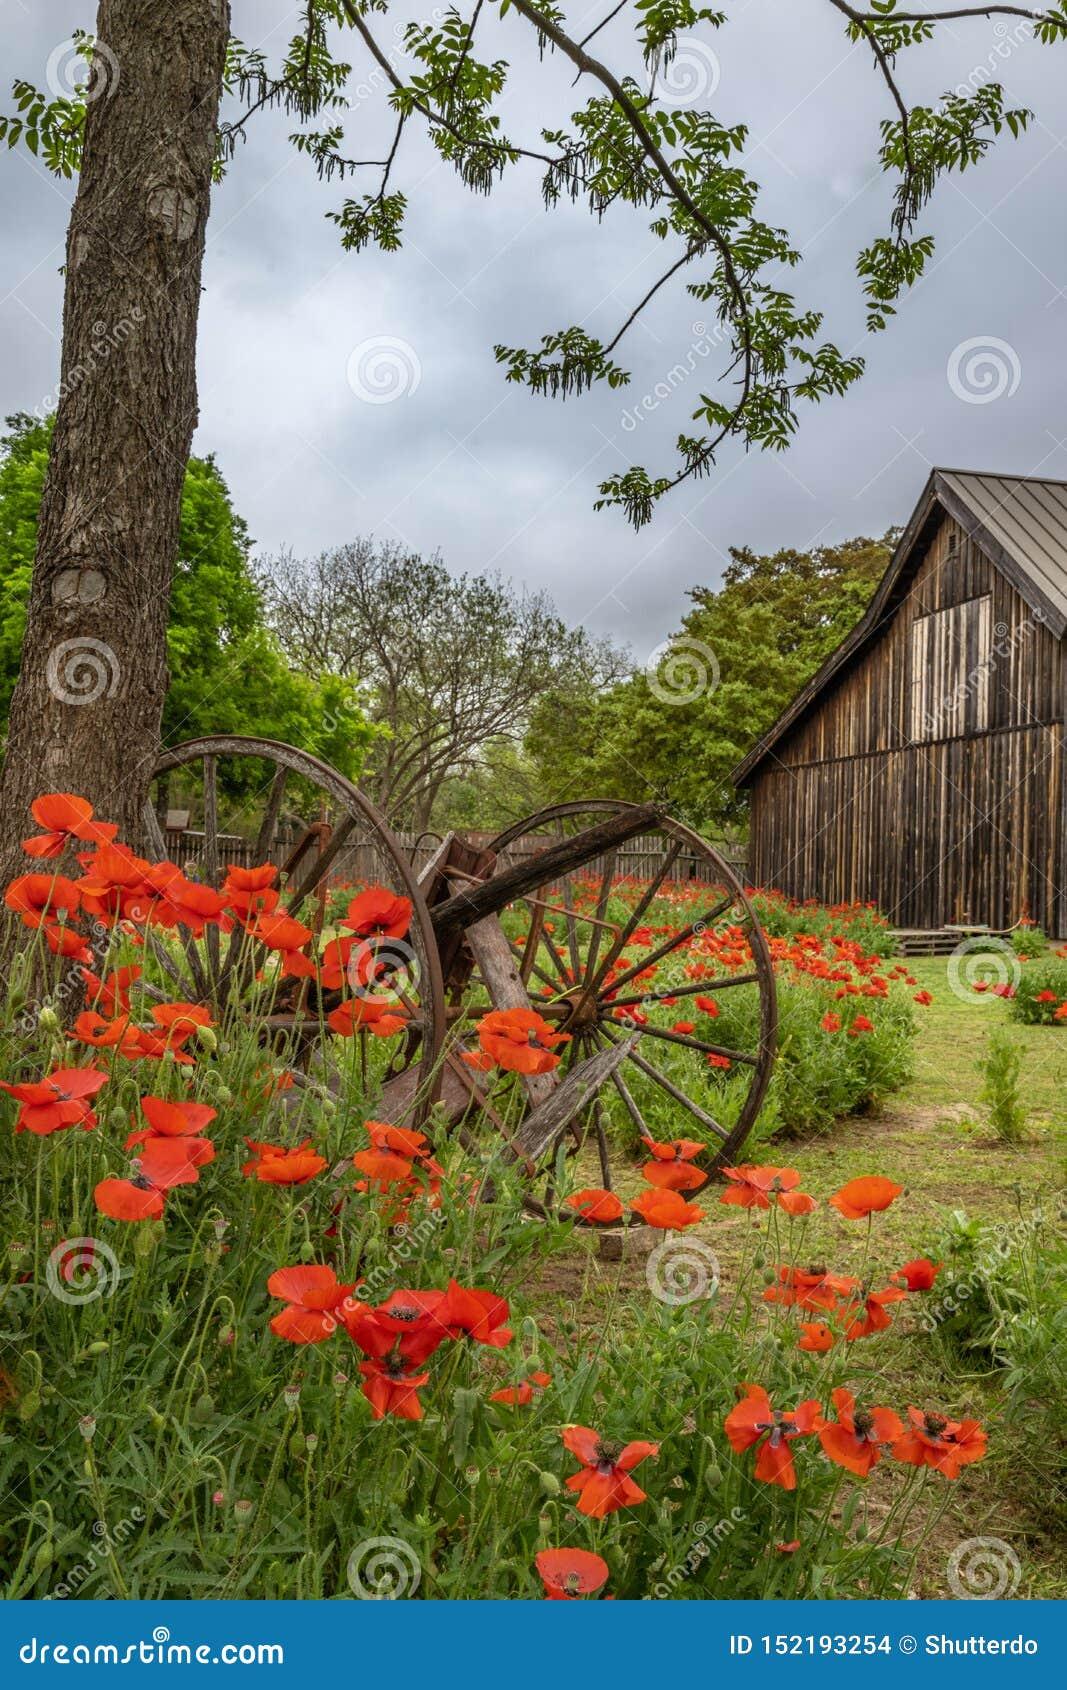 Old broken wagon parts among vivid red poppies